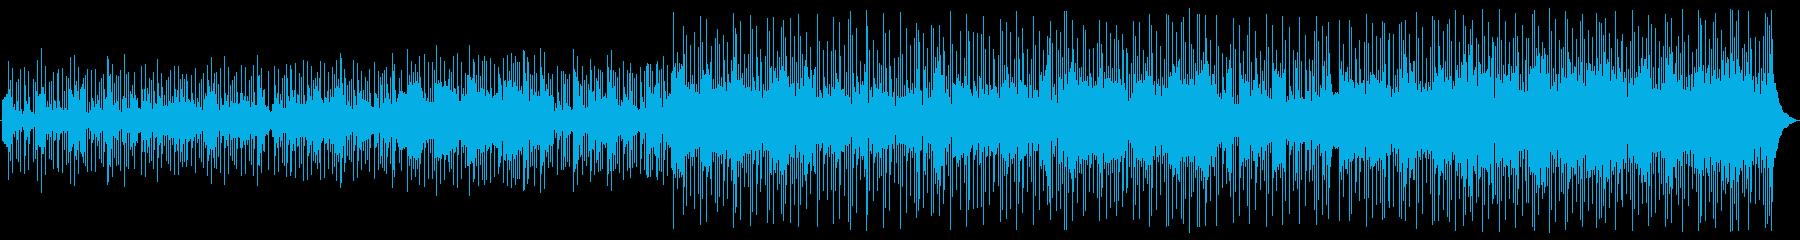 フィドル、マンドリン、ピアノ、ギタ...の再生済みの波形